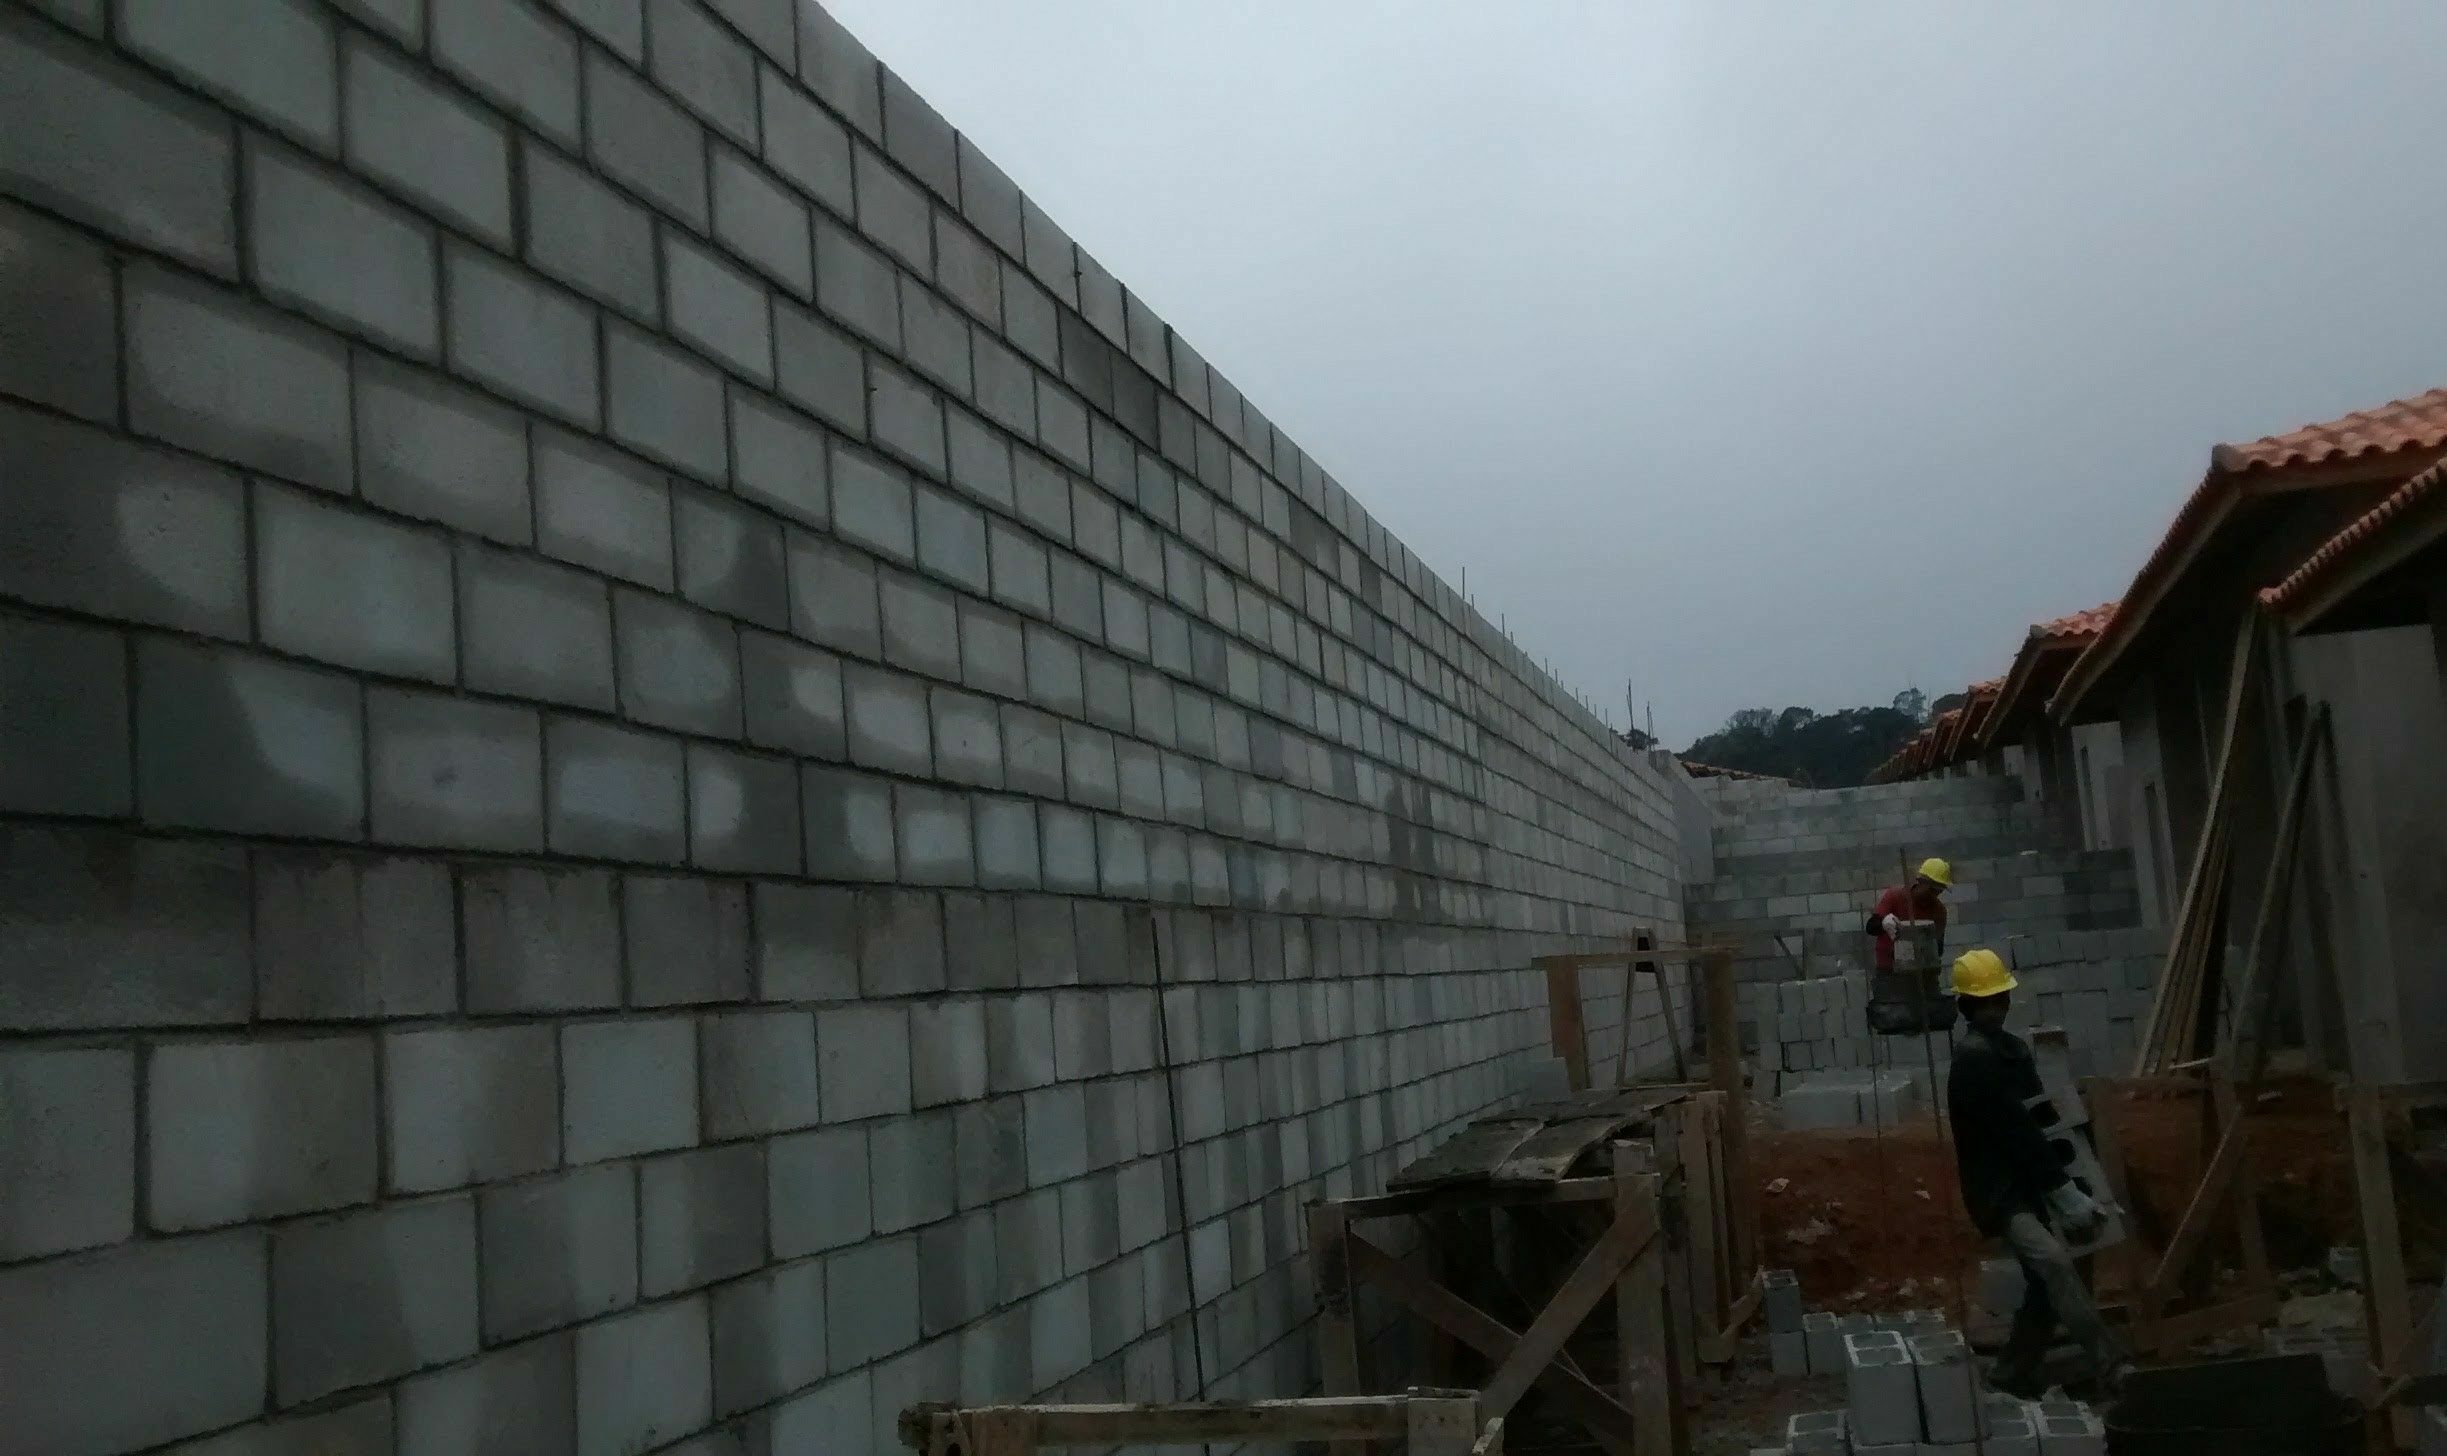 Muro de alvenaria estrutural